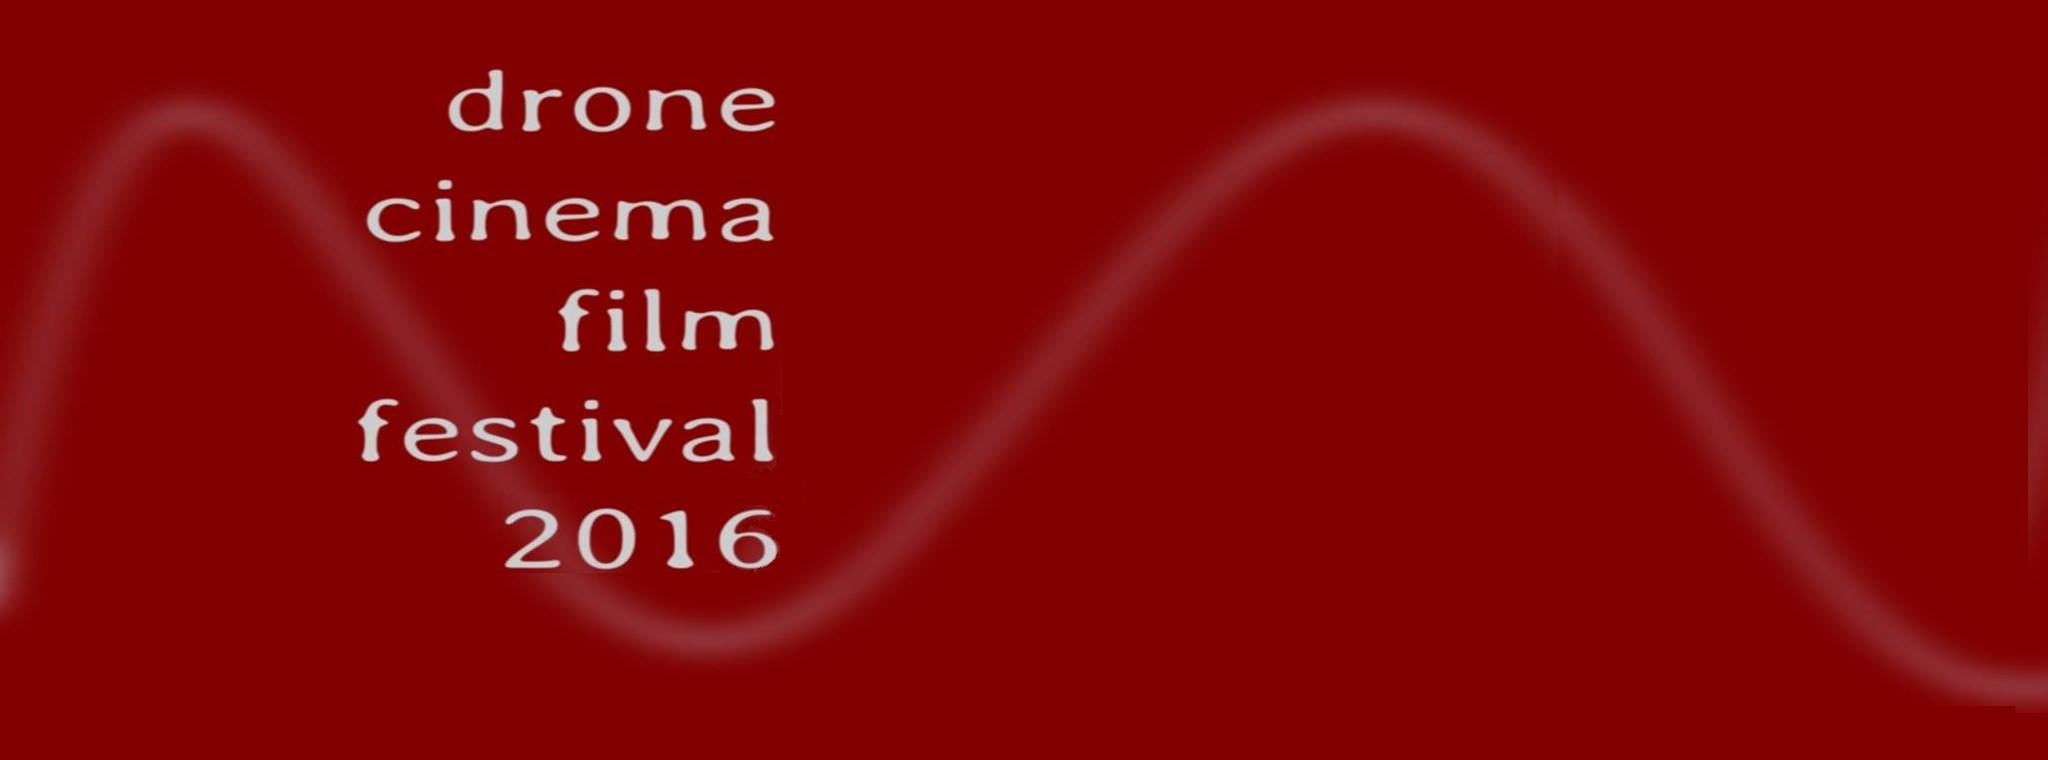 drone cinema festival 2016